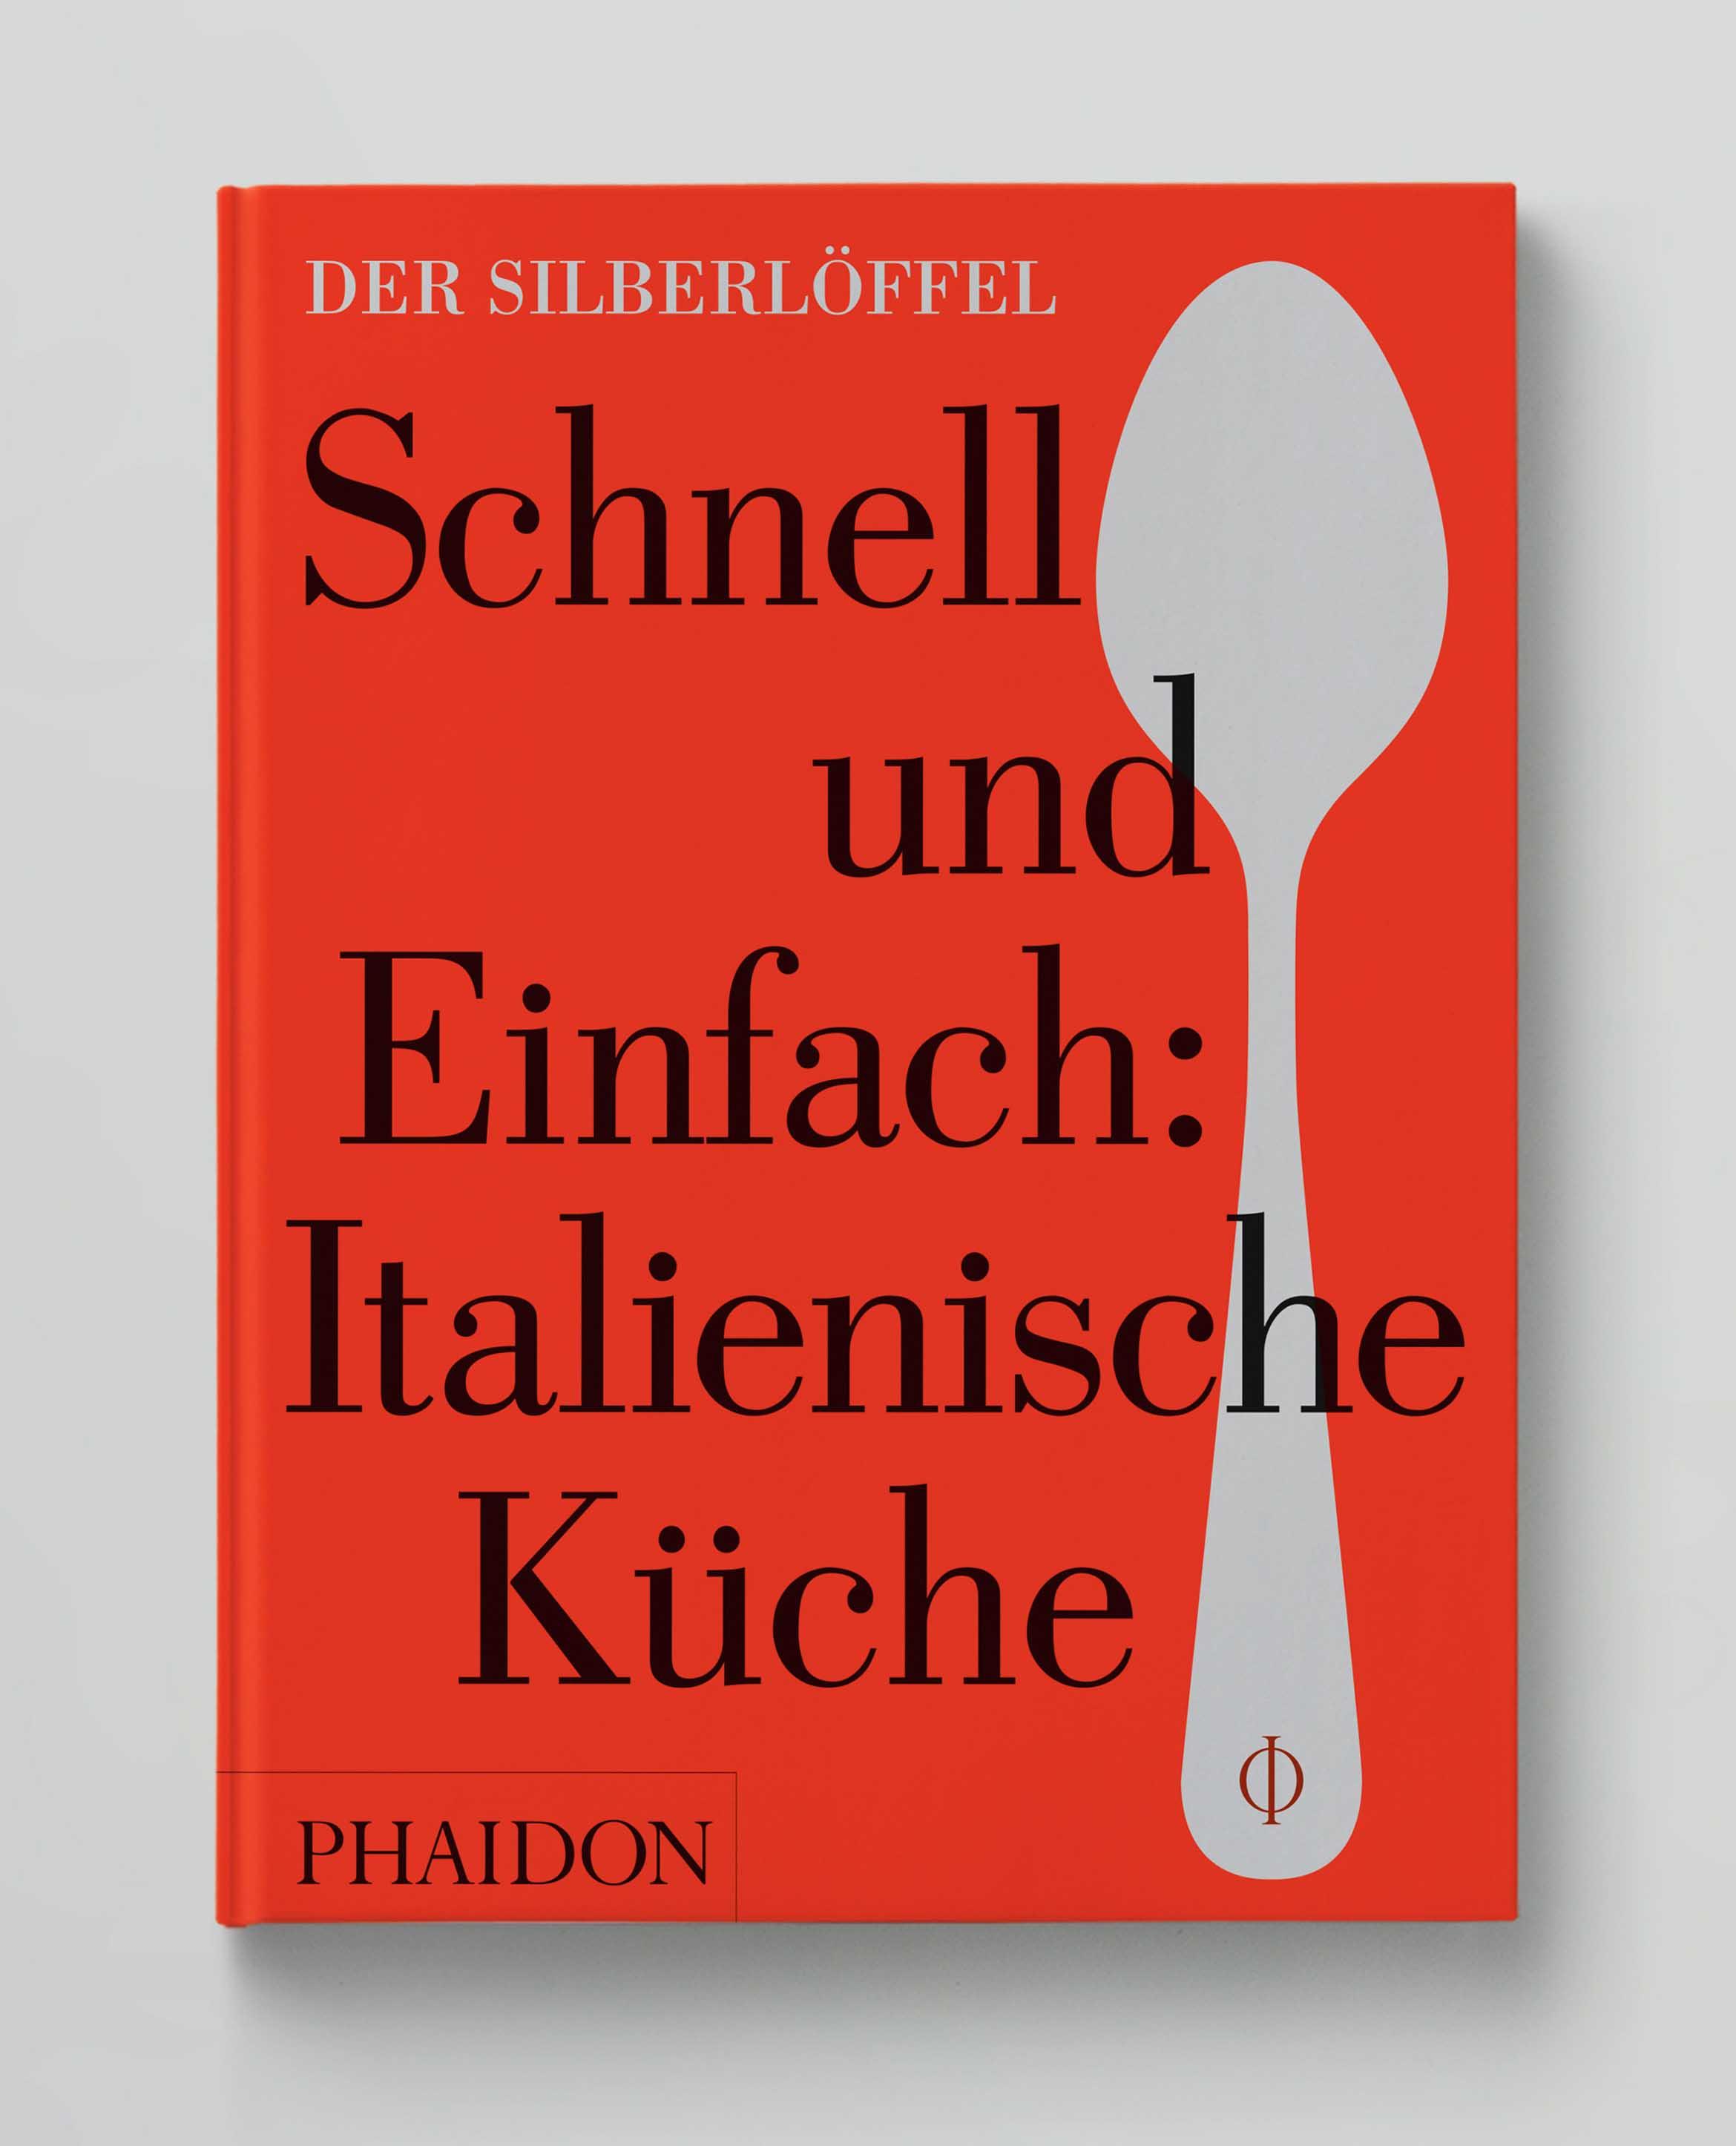 Der Silberlöffel Schnell und Einfach: Italienische Küche Phaidon Cover